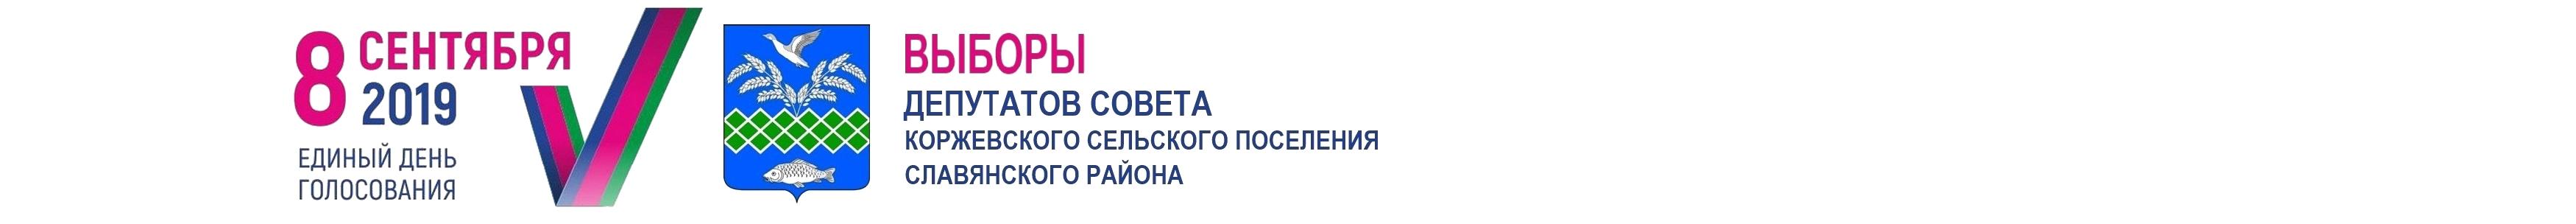 Выборы депутатов Совета Коржевского сельского поселения